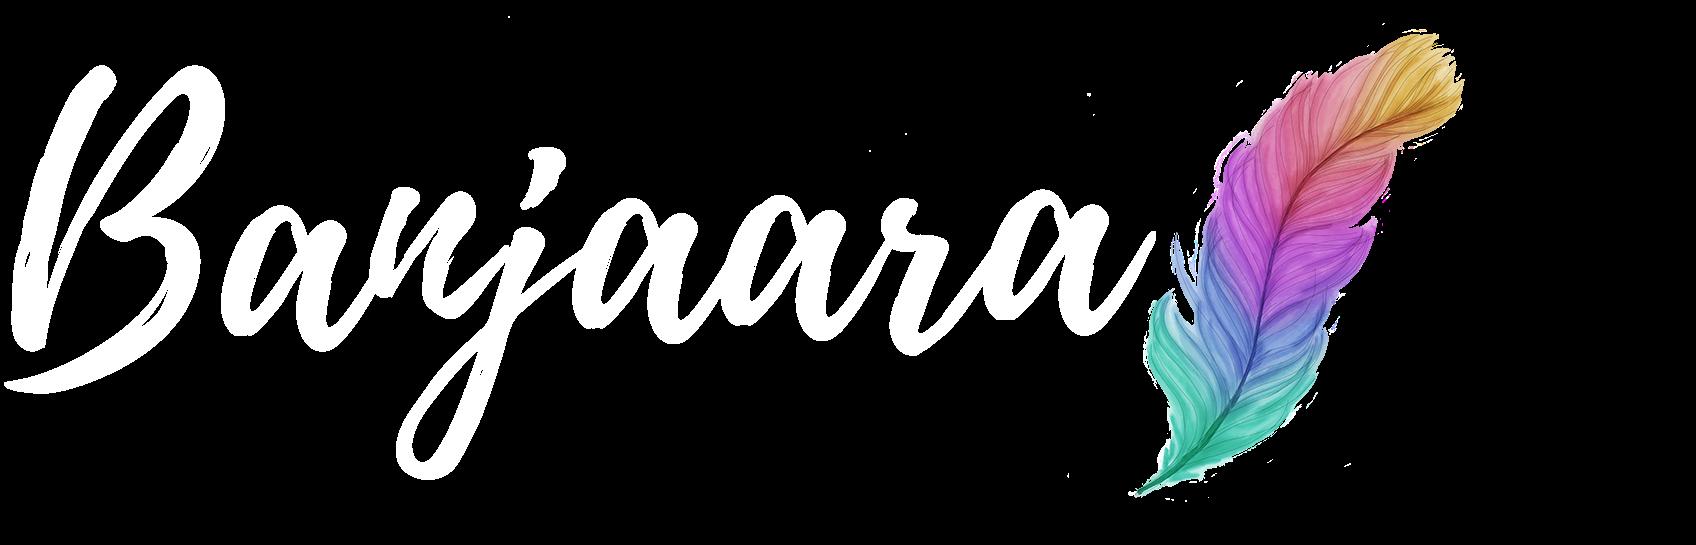 Banjaara Logo